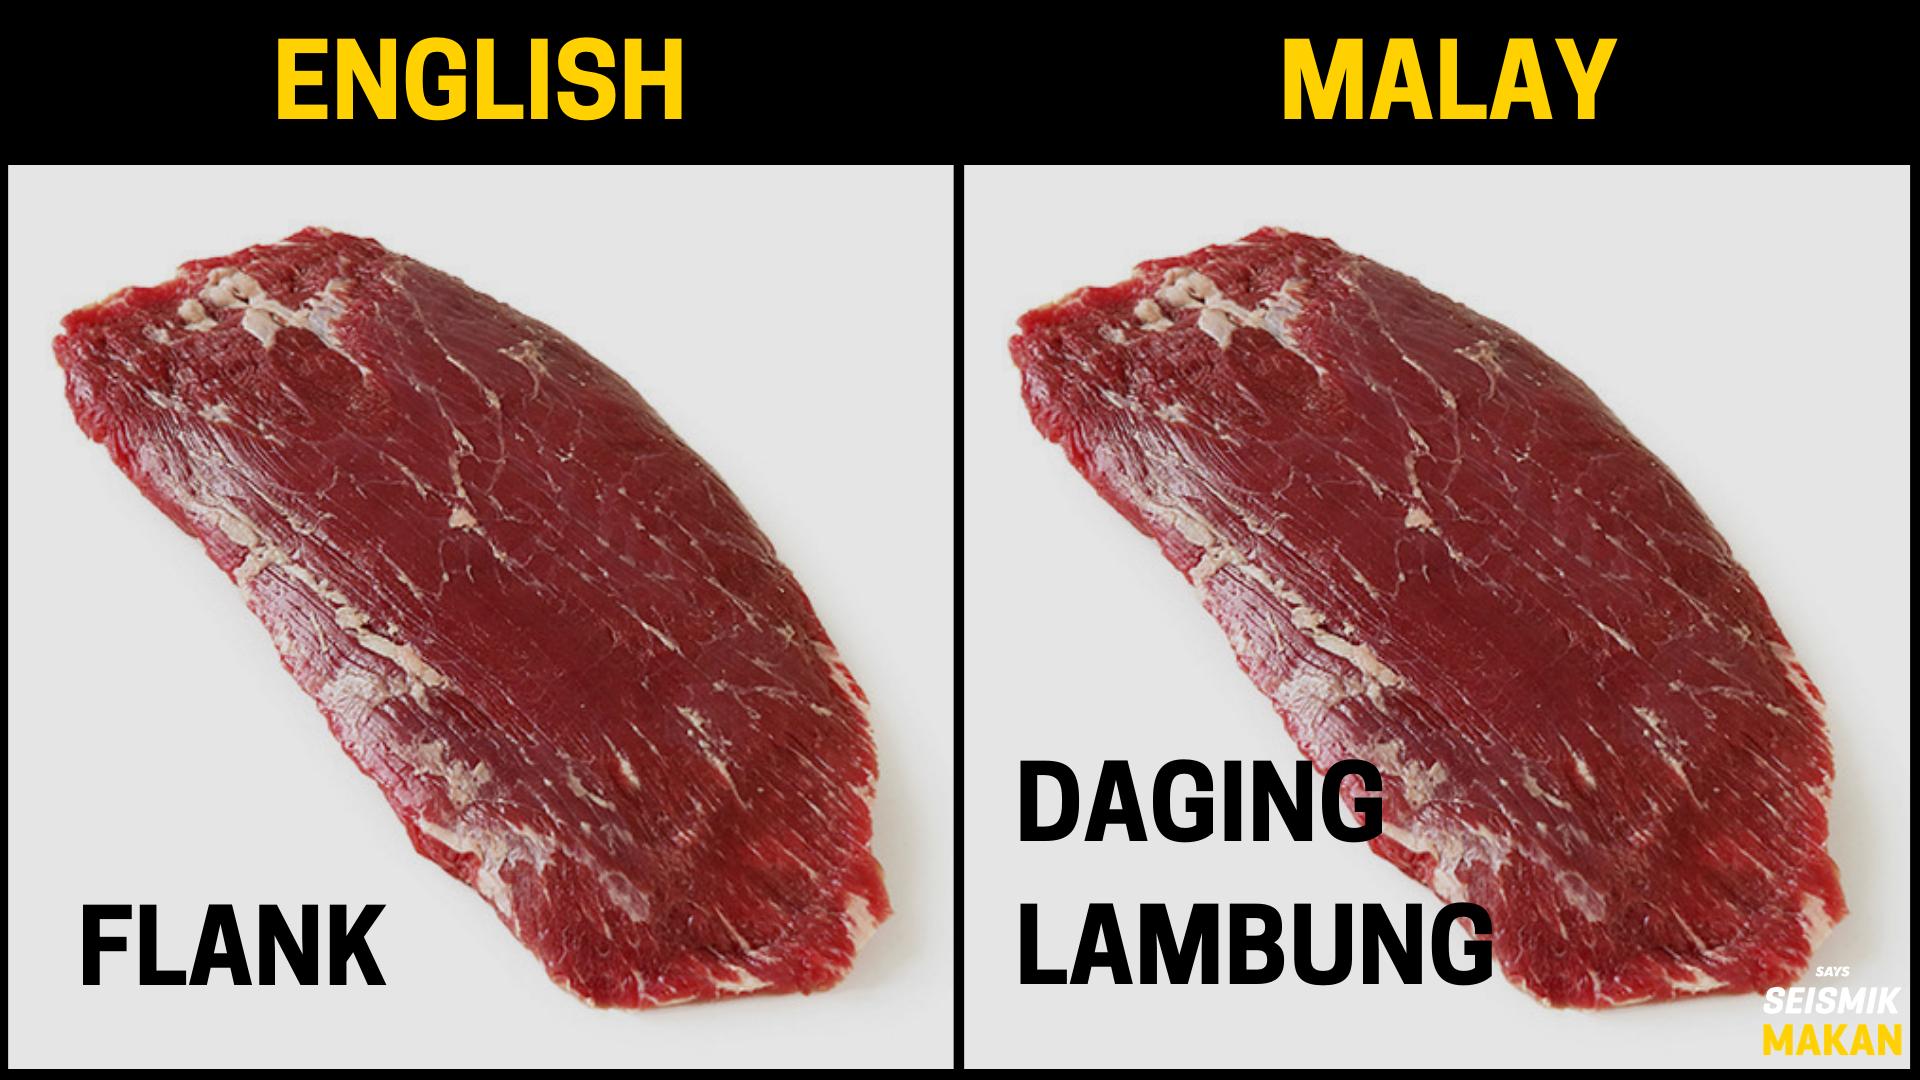 Daging Flank Bahasa Melayu